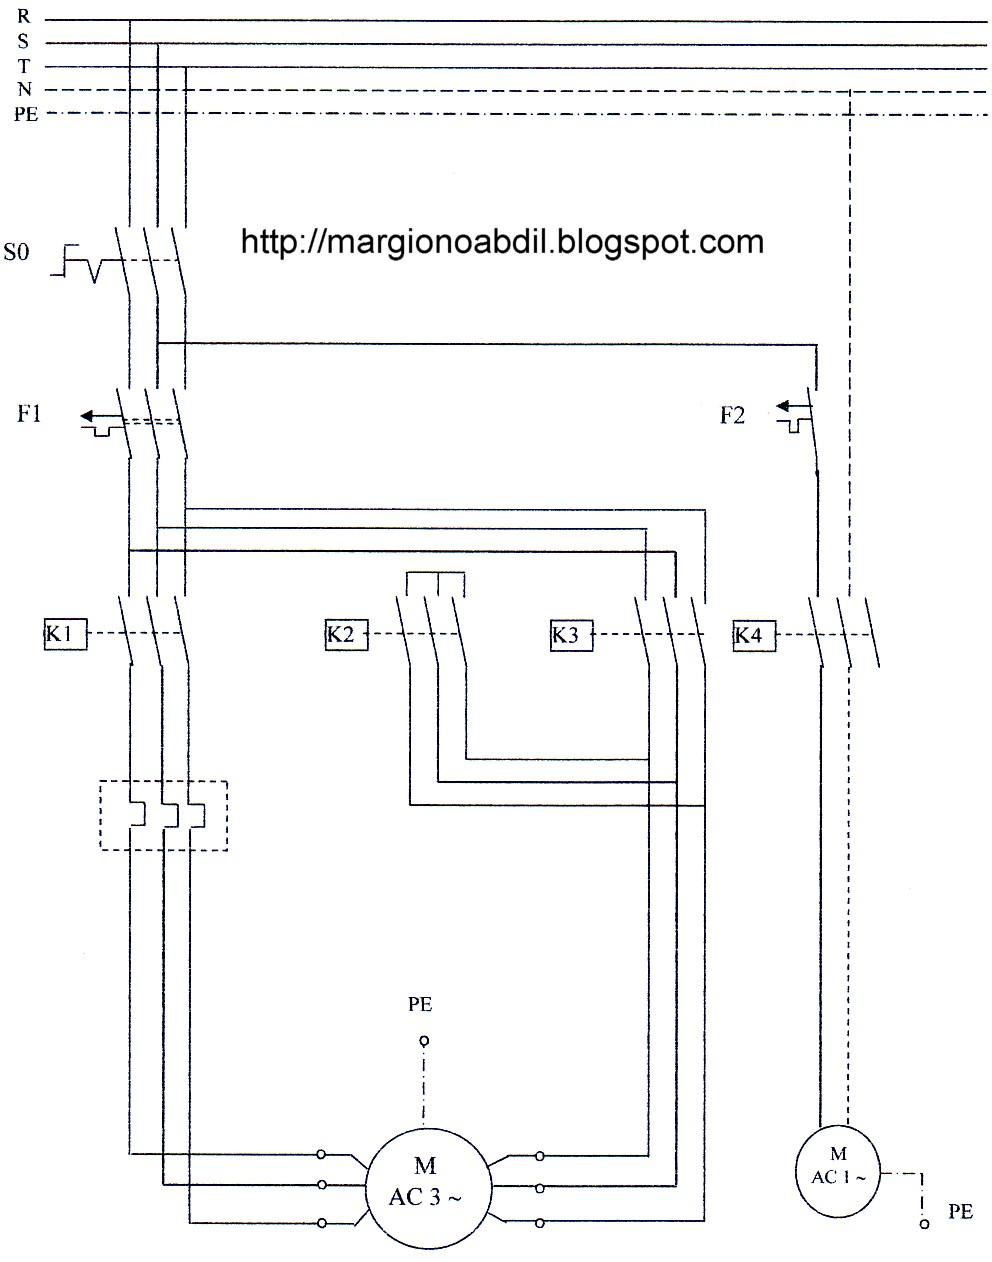 Cara Kerja Wiring Diagram Ac Split Diagrams Data Base Air Conditioner 40yaf036300 Bagi Margiono Abdil Ber Rh Margionoabdil Blogspot Com On Repair For